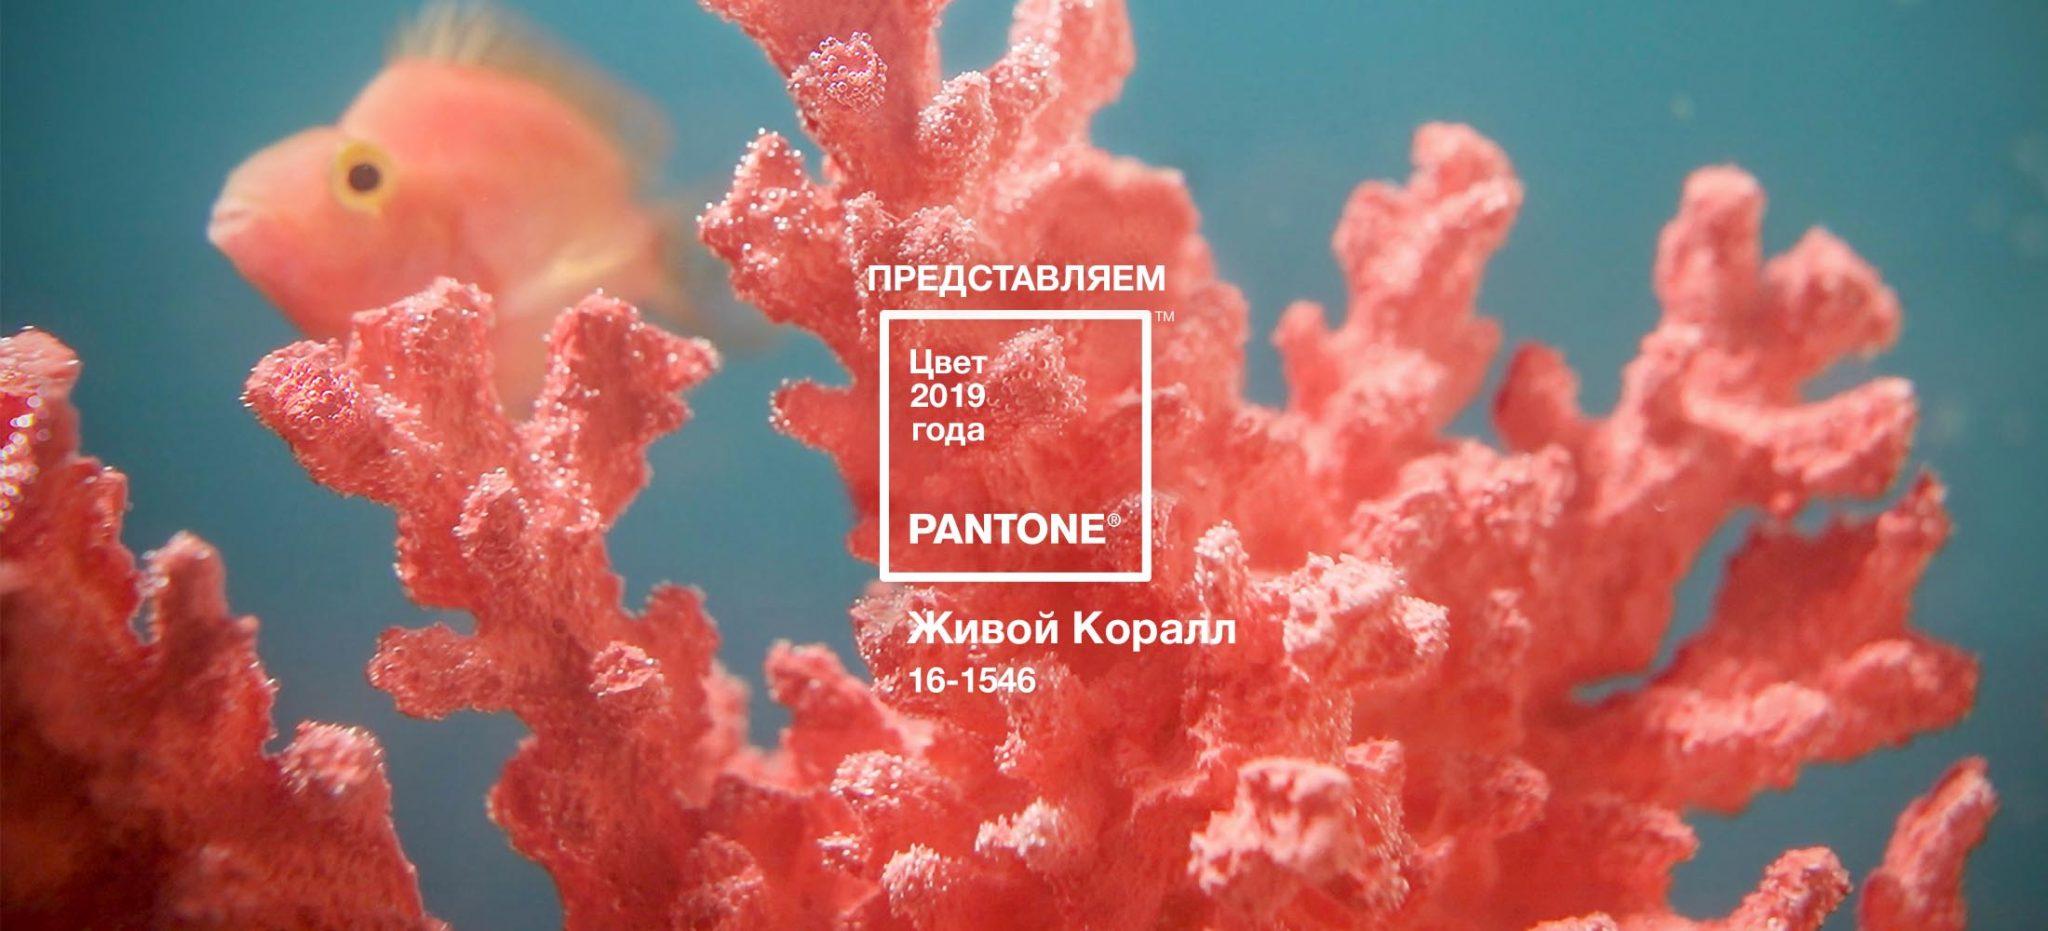 Жизнеутверждающий коралловый- главный цвет индустрии моды и дизайна 2019 года